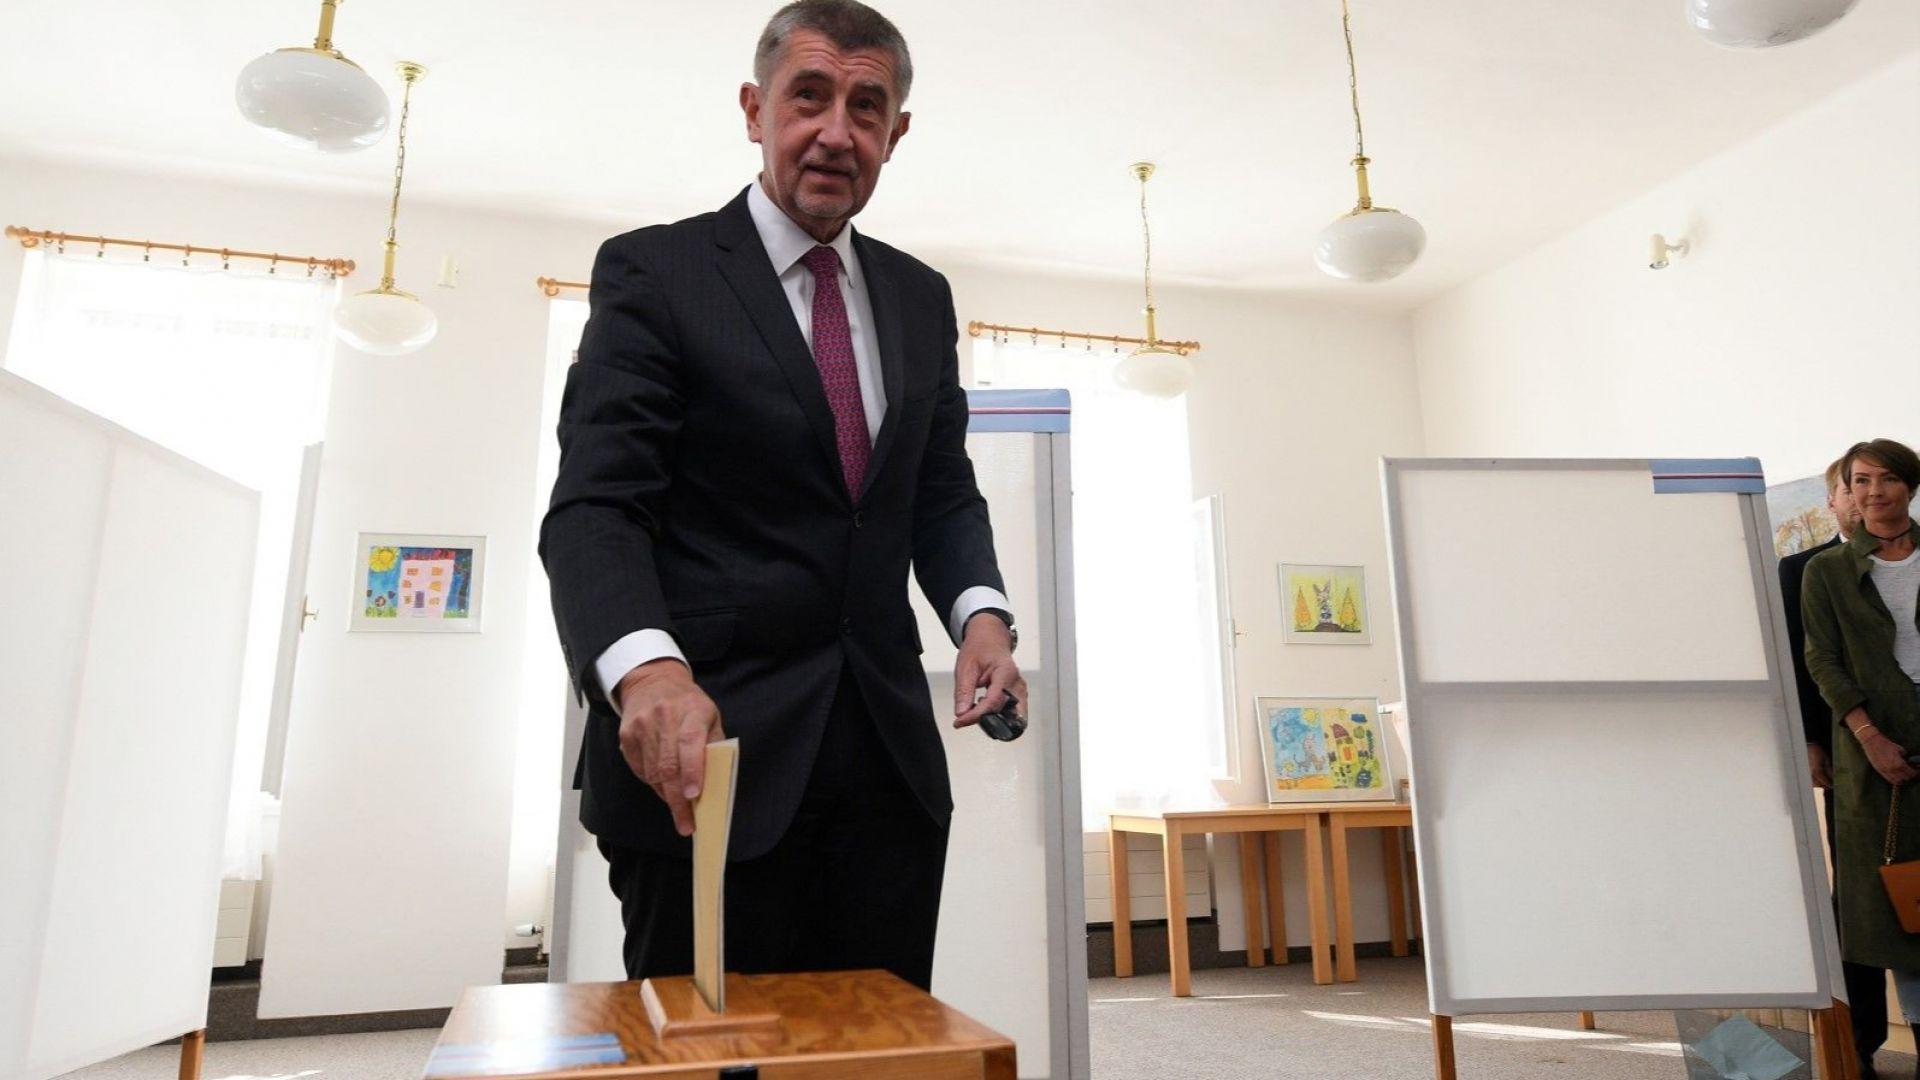 Общинските избори в Чехия: победа с горчив привкус за Андрей Бабиш